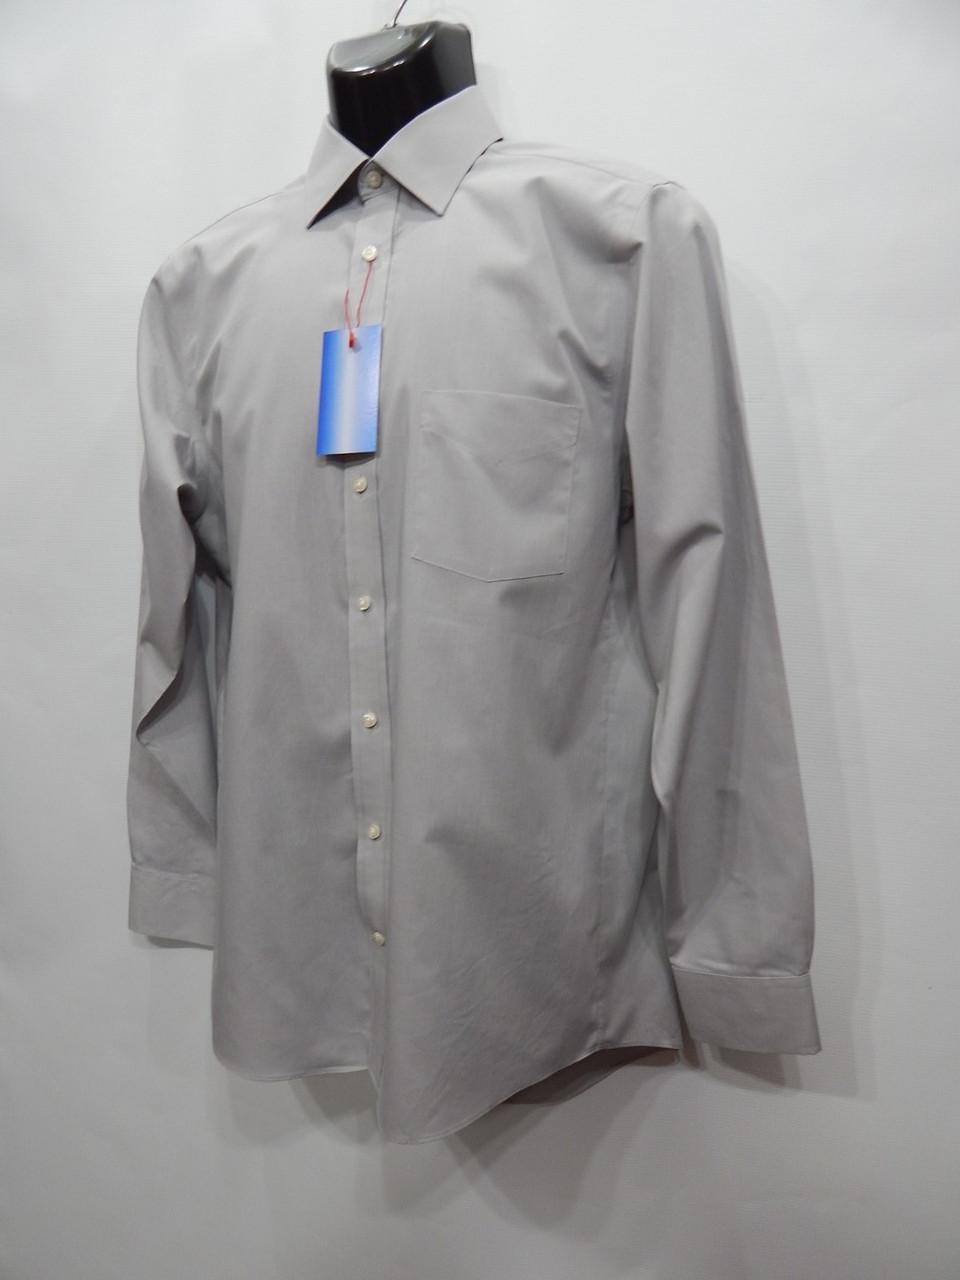 Мужская рубашка с длинным рукавом Stafford оригинал р.48 030ДР